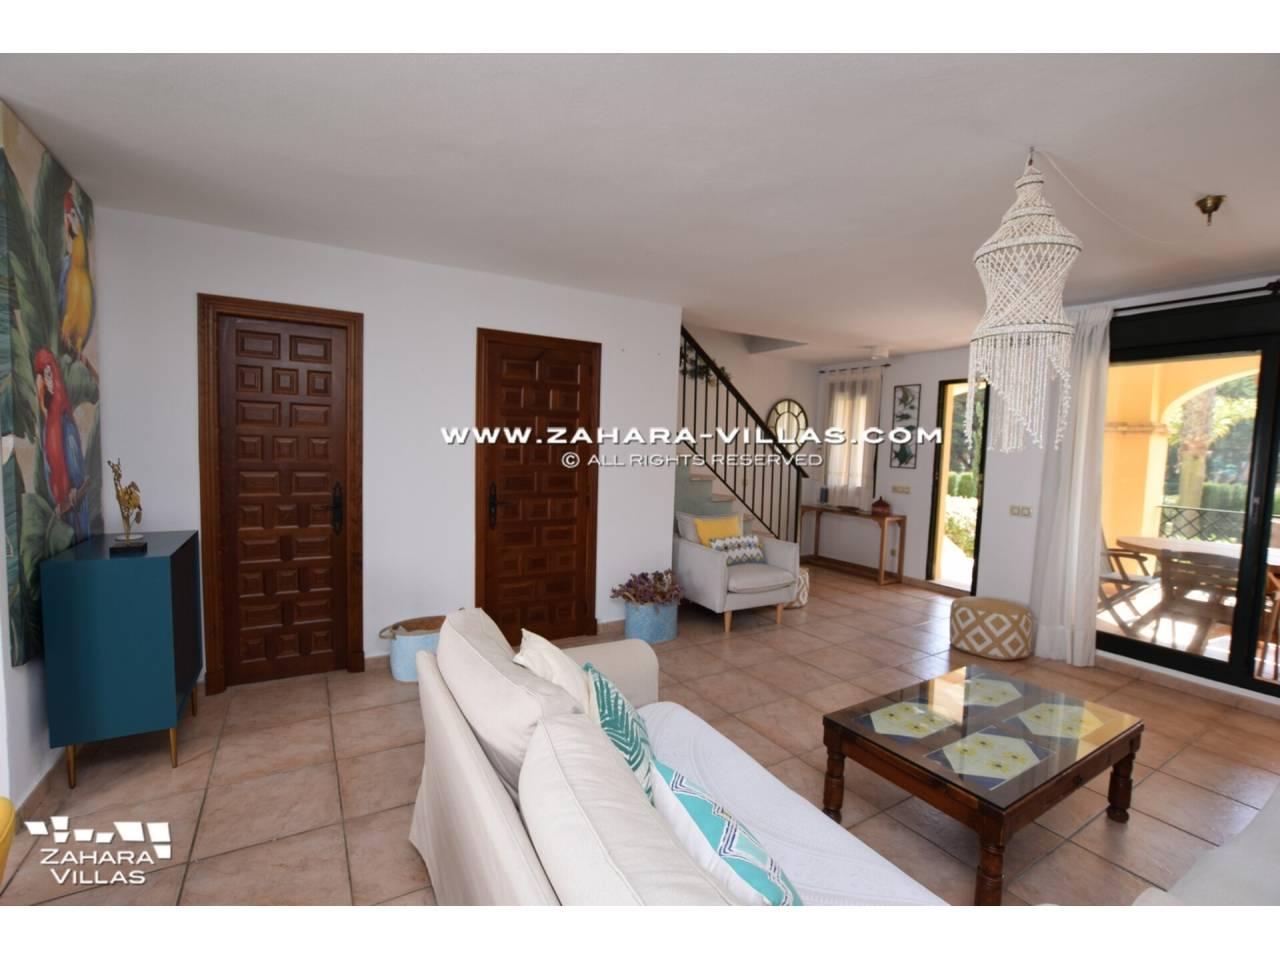 Imagen 11 de Casa Adosada con vistas al mar en venta en Urb. Jardines de Zahara